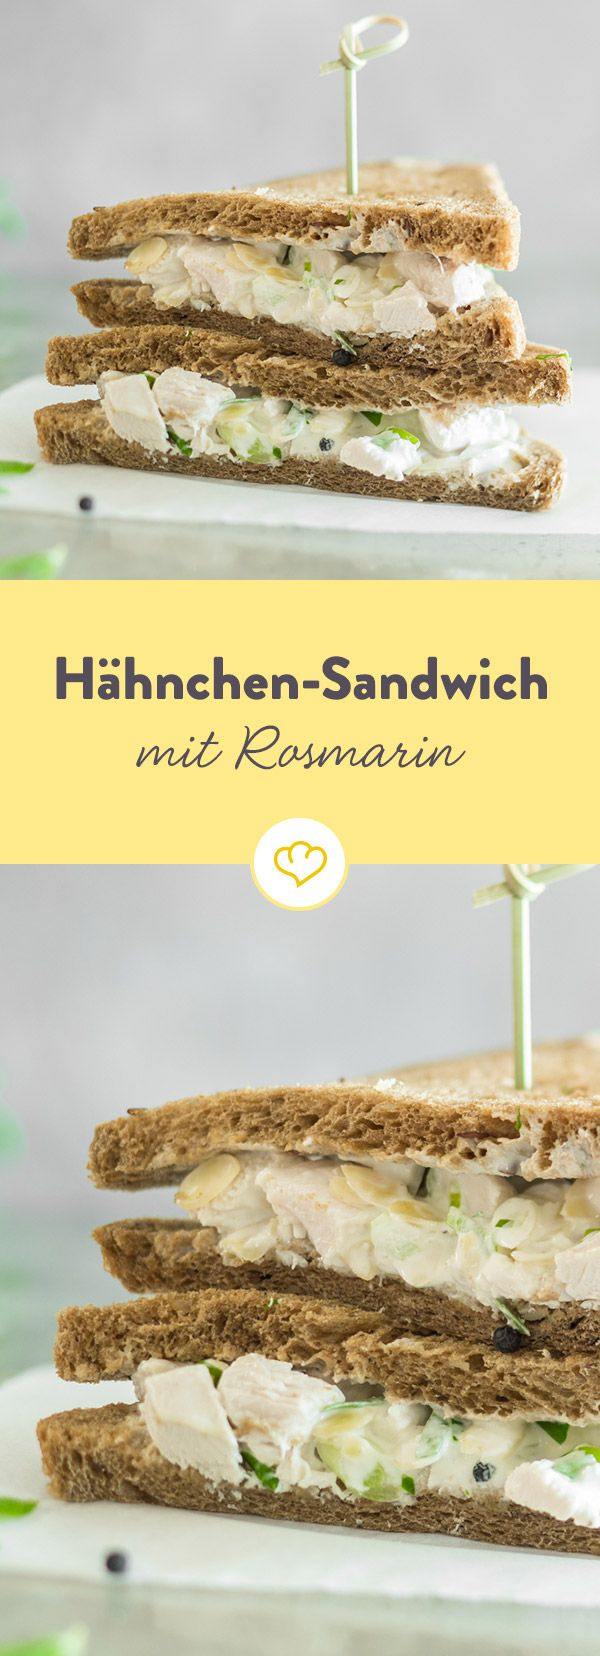 Dieses Hähnchen-Sandwich wird dank Rosmarin und geräucherter Mandeln zum ganz besonderen Sattmacher für lange Bürotage.